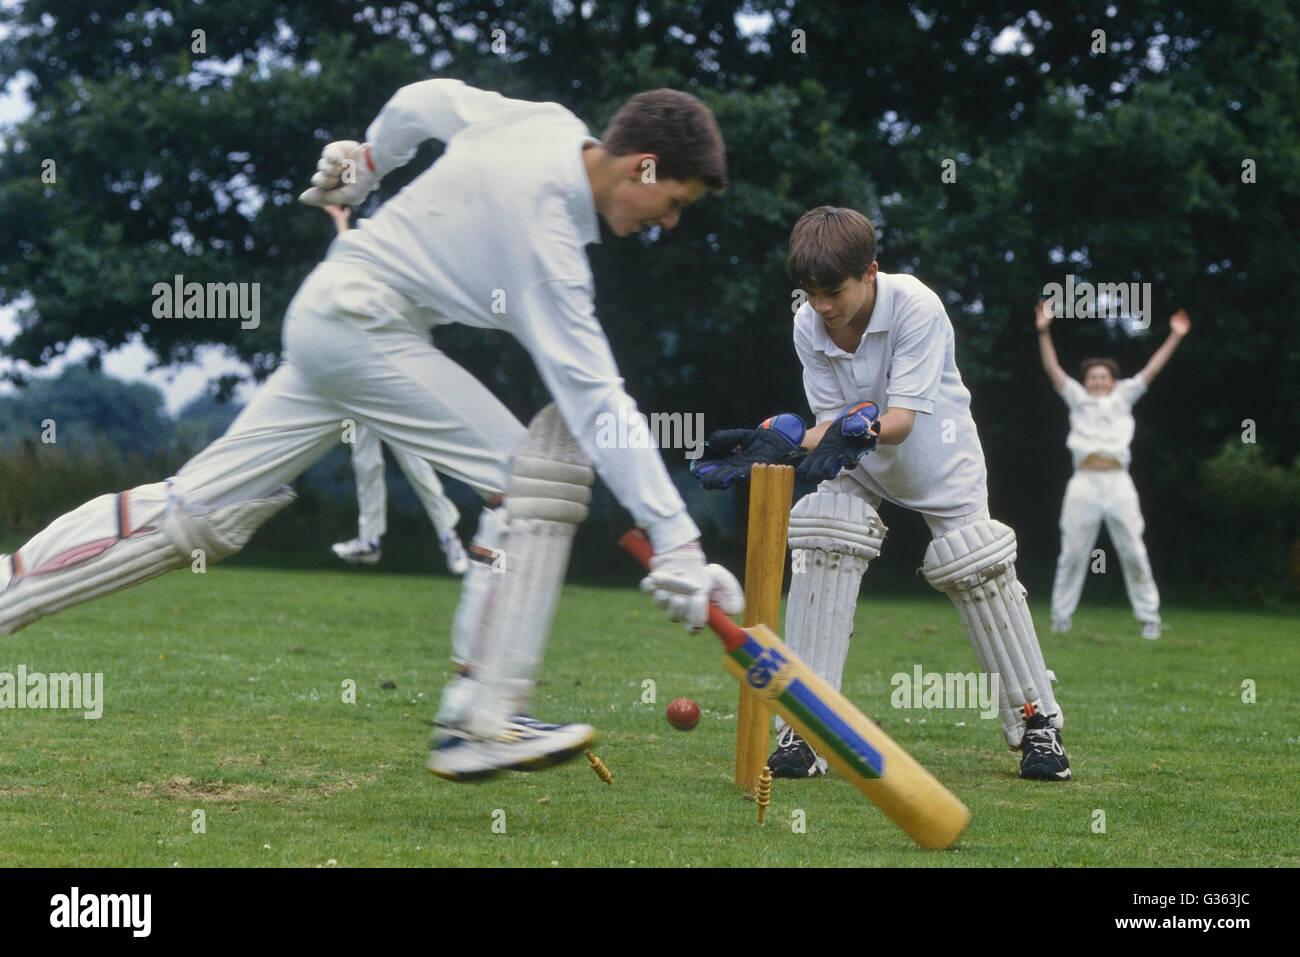 Scuola partita di cricket. In Inghilterra. Regno Unito. Europa Immagini Stock